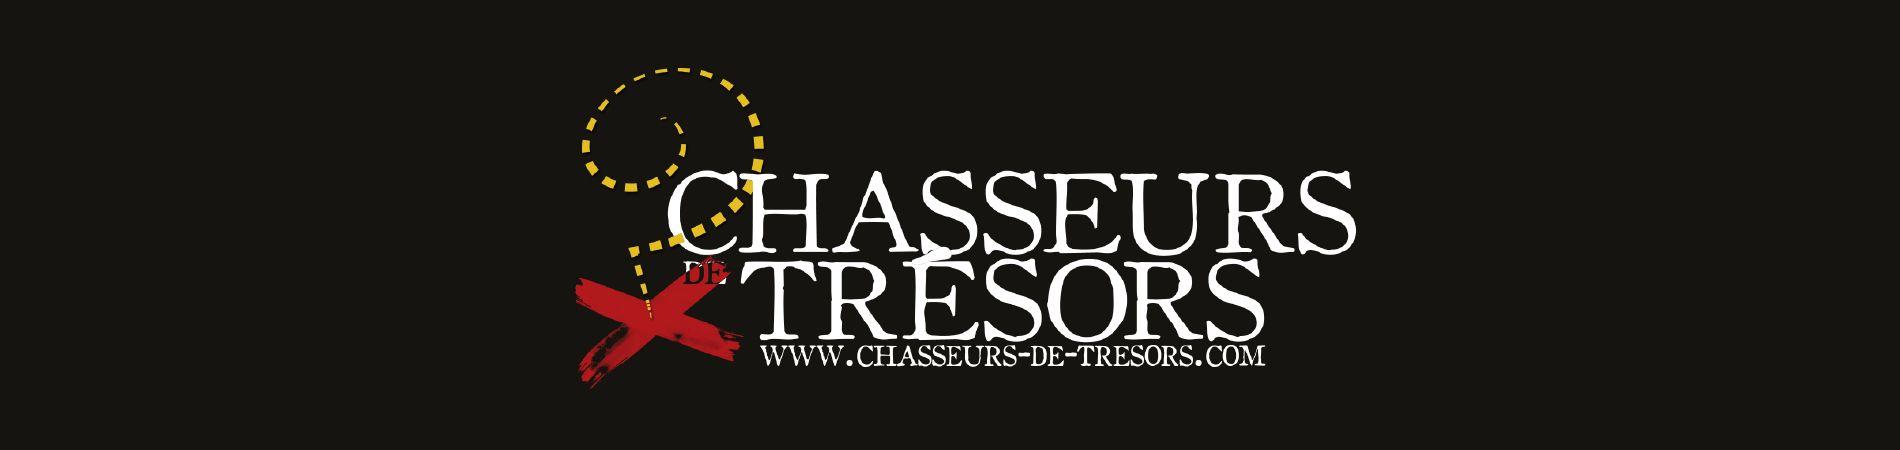 L'aventure Chasseurs de trésors